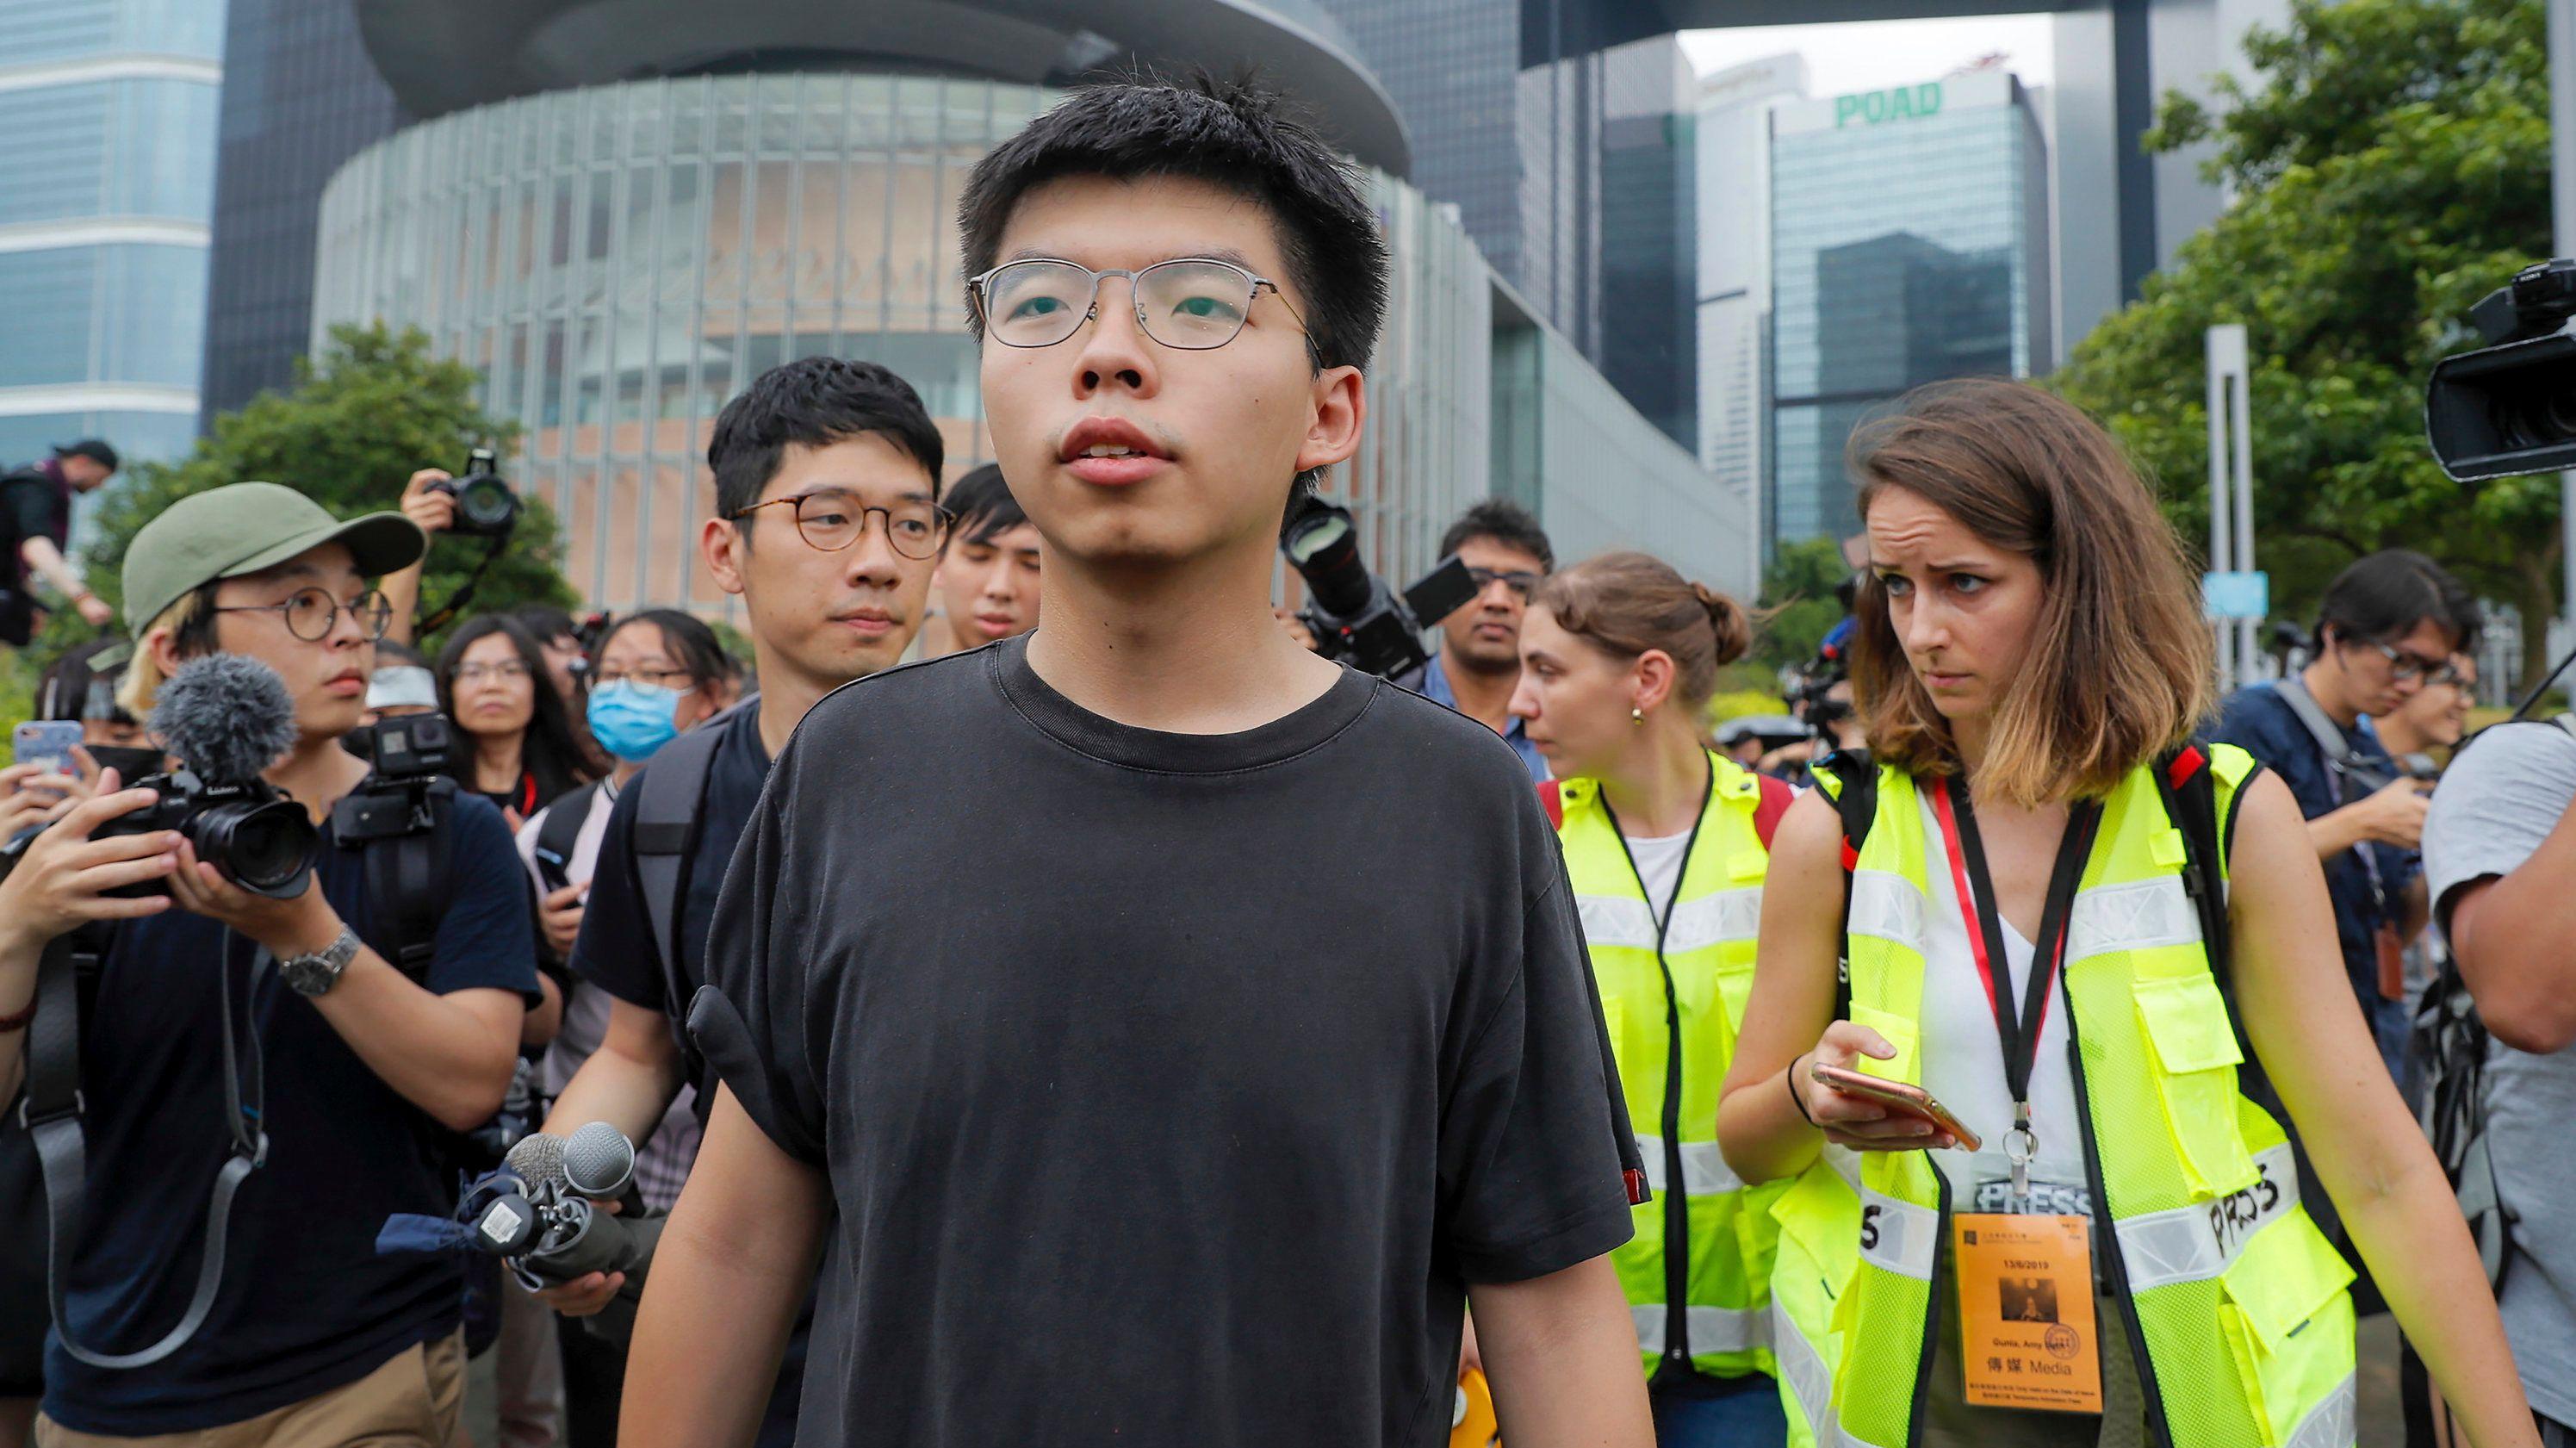 Joshua Wong (M), einer der führenden Köpfe der Demokratiebewegung, geht vor Reportern, nachdem er mit Demonstranten gesprochen hat.